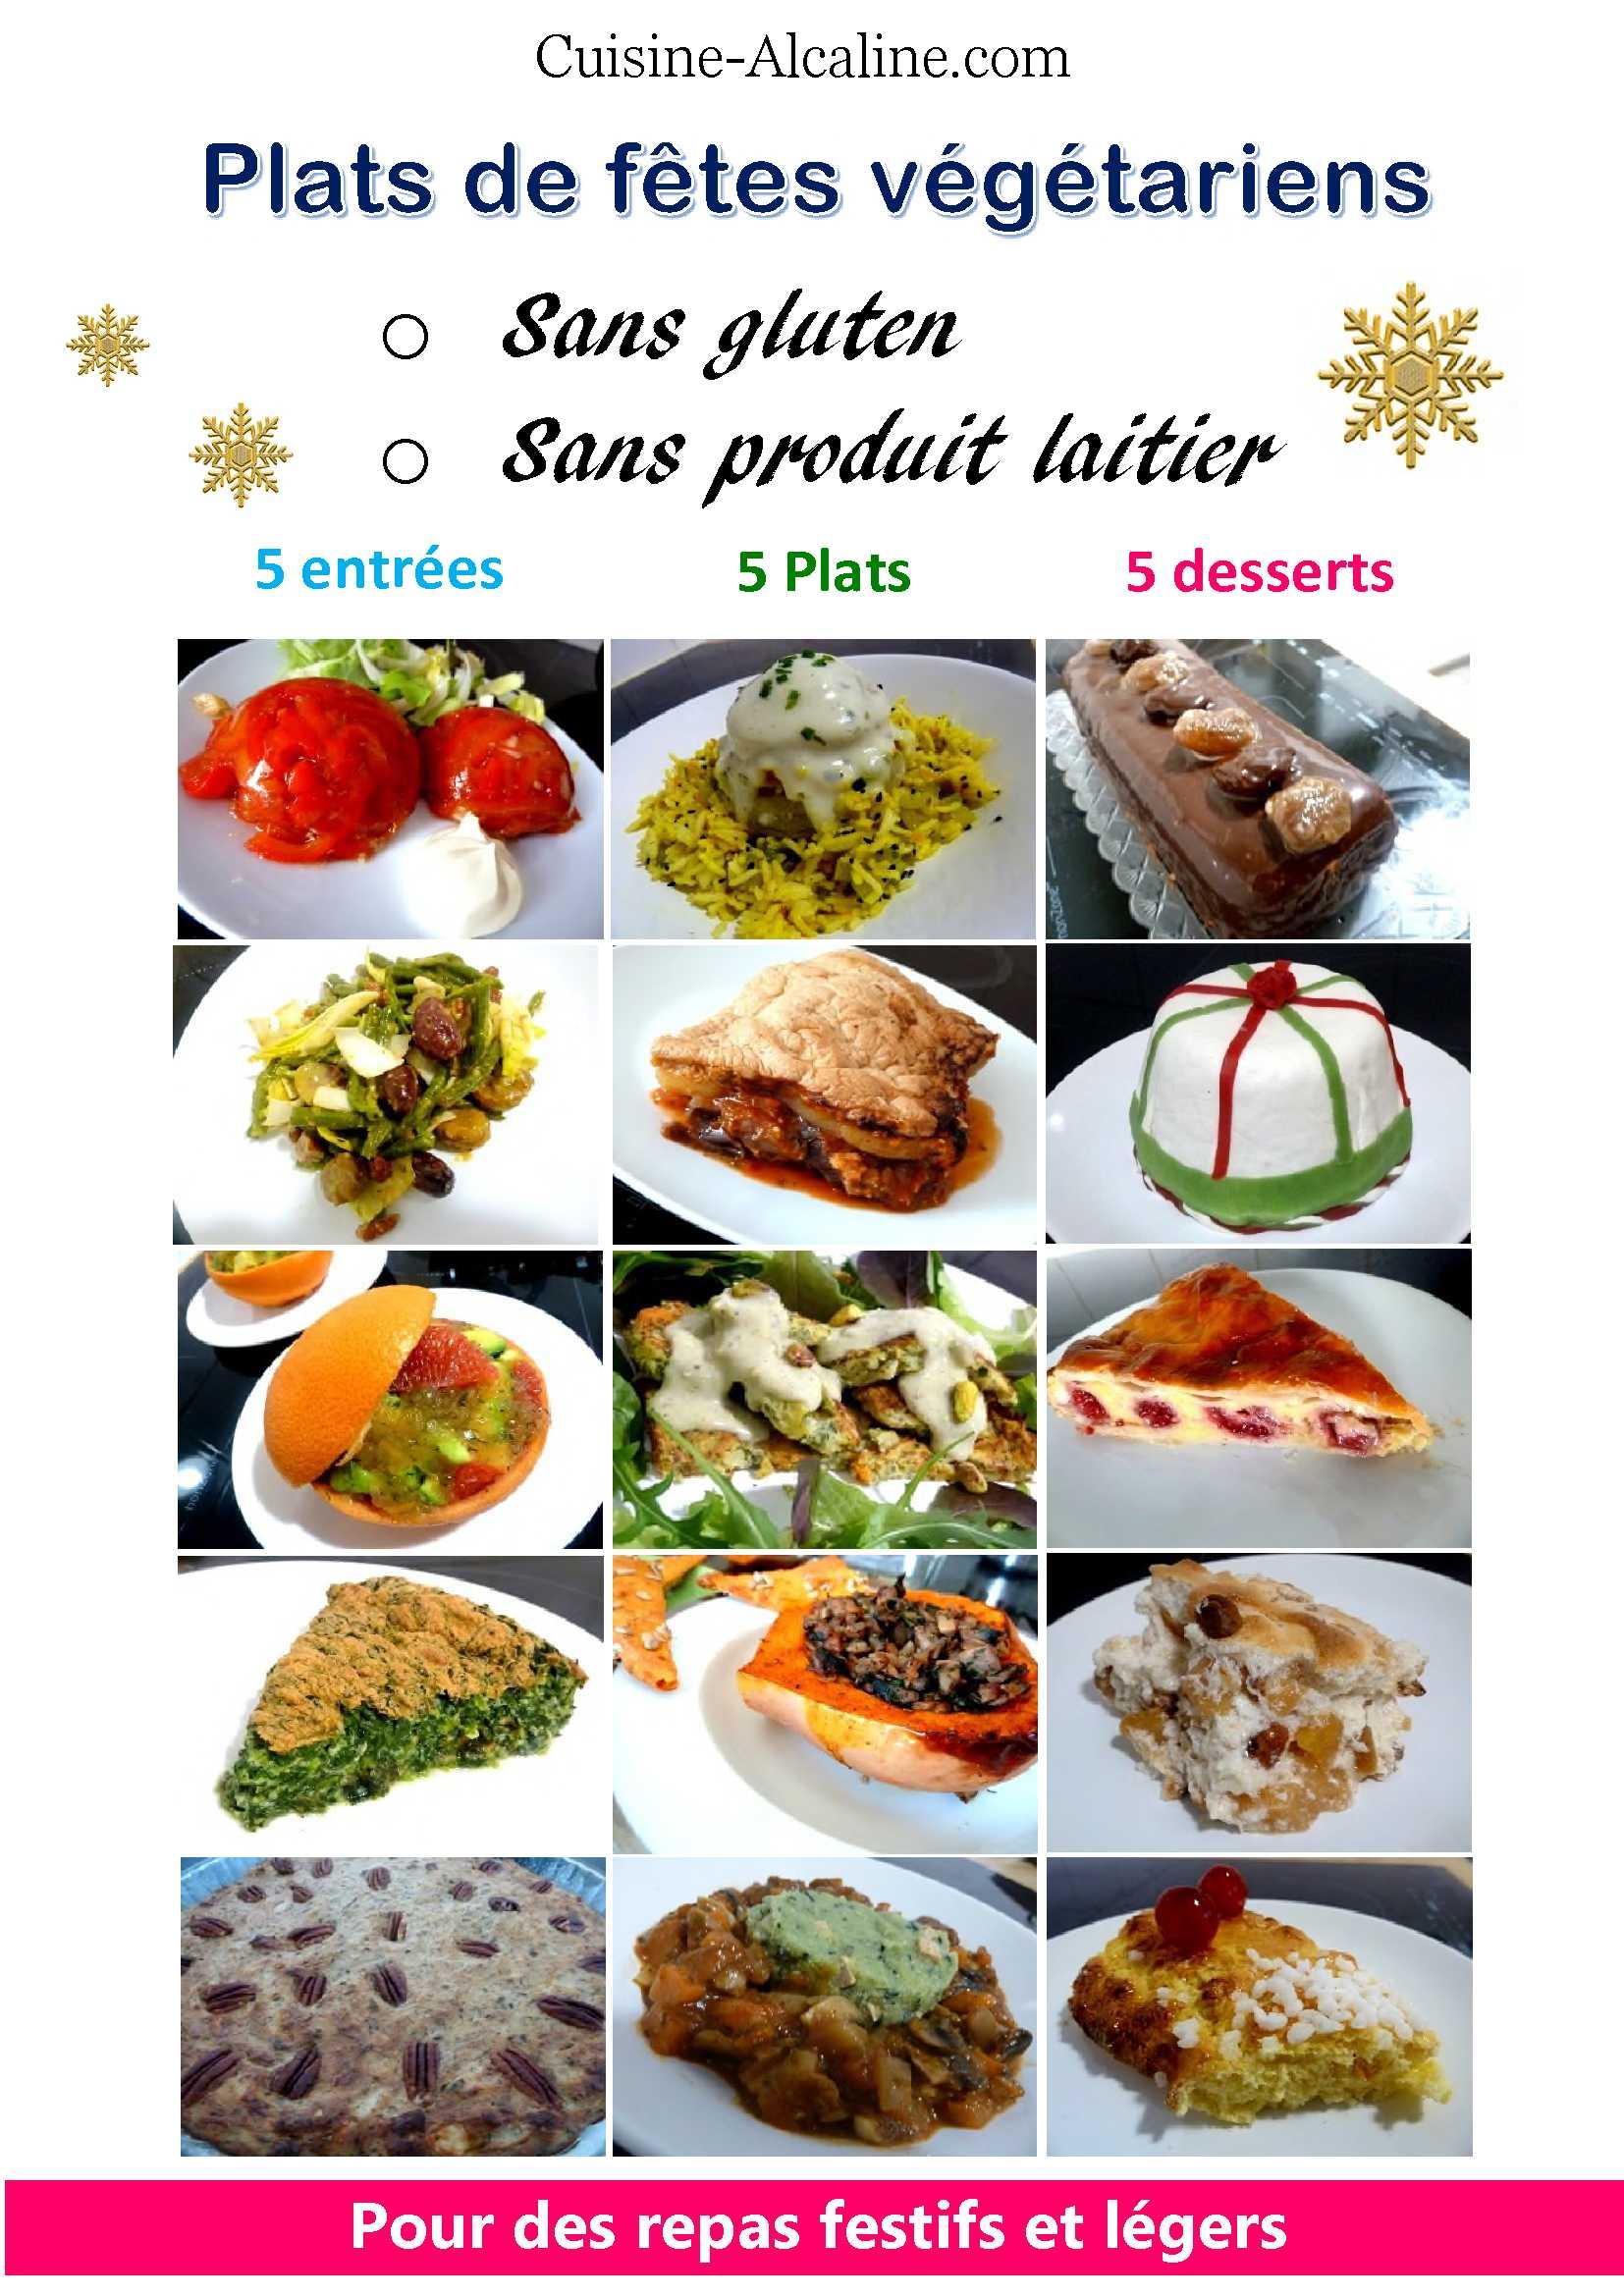 Repas végétariens pour Fêtes 1018